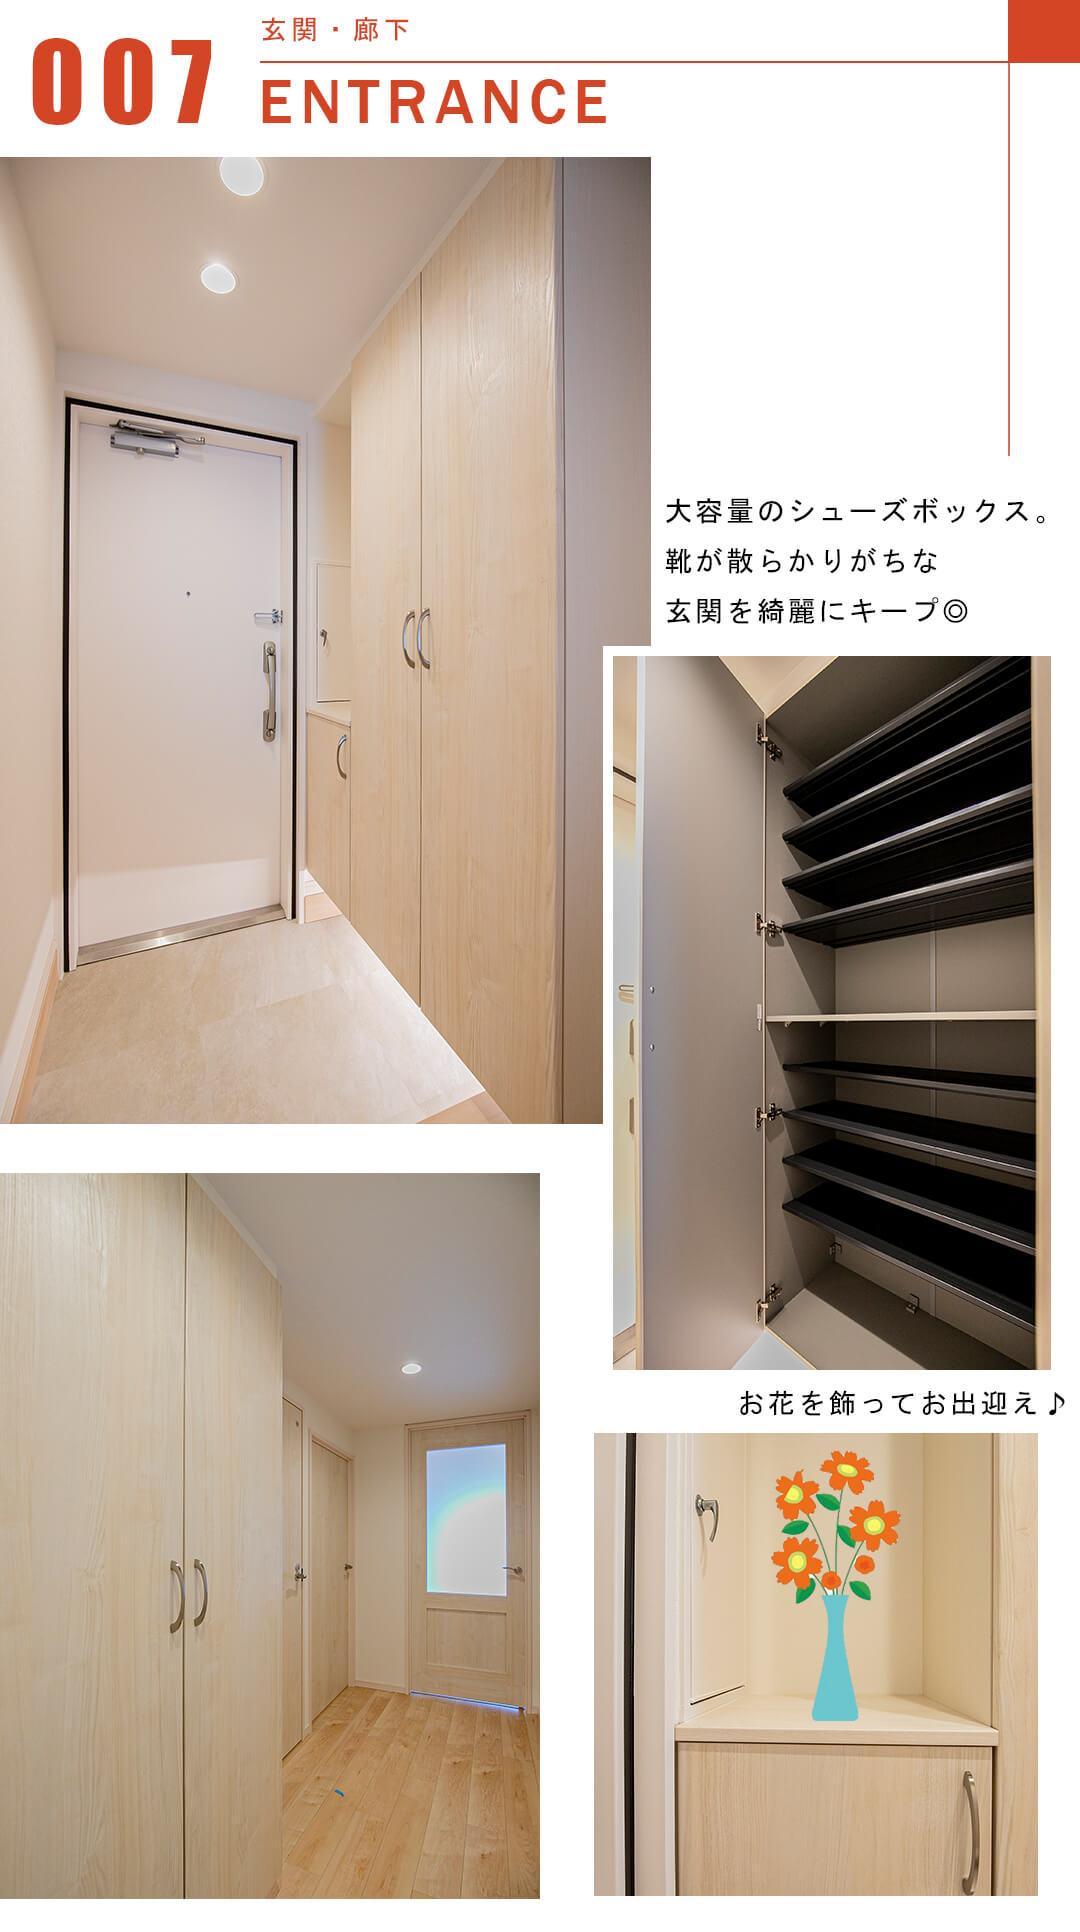 安藤坂東方マンションの玄関と廊下